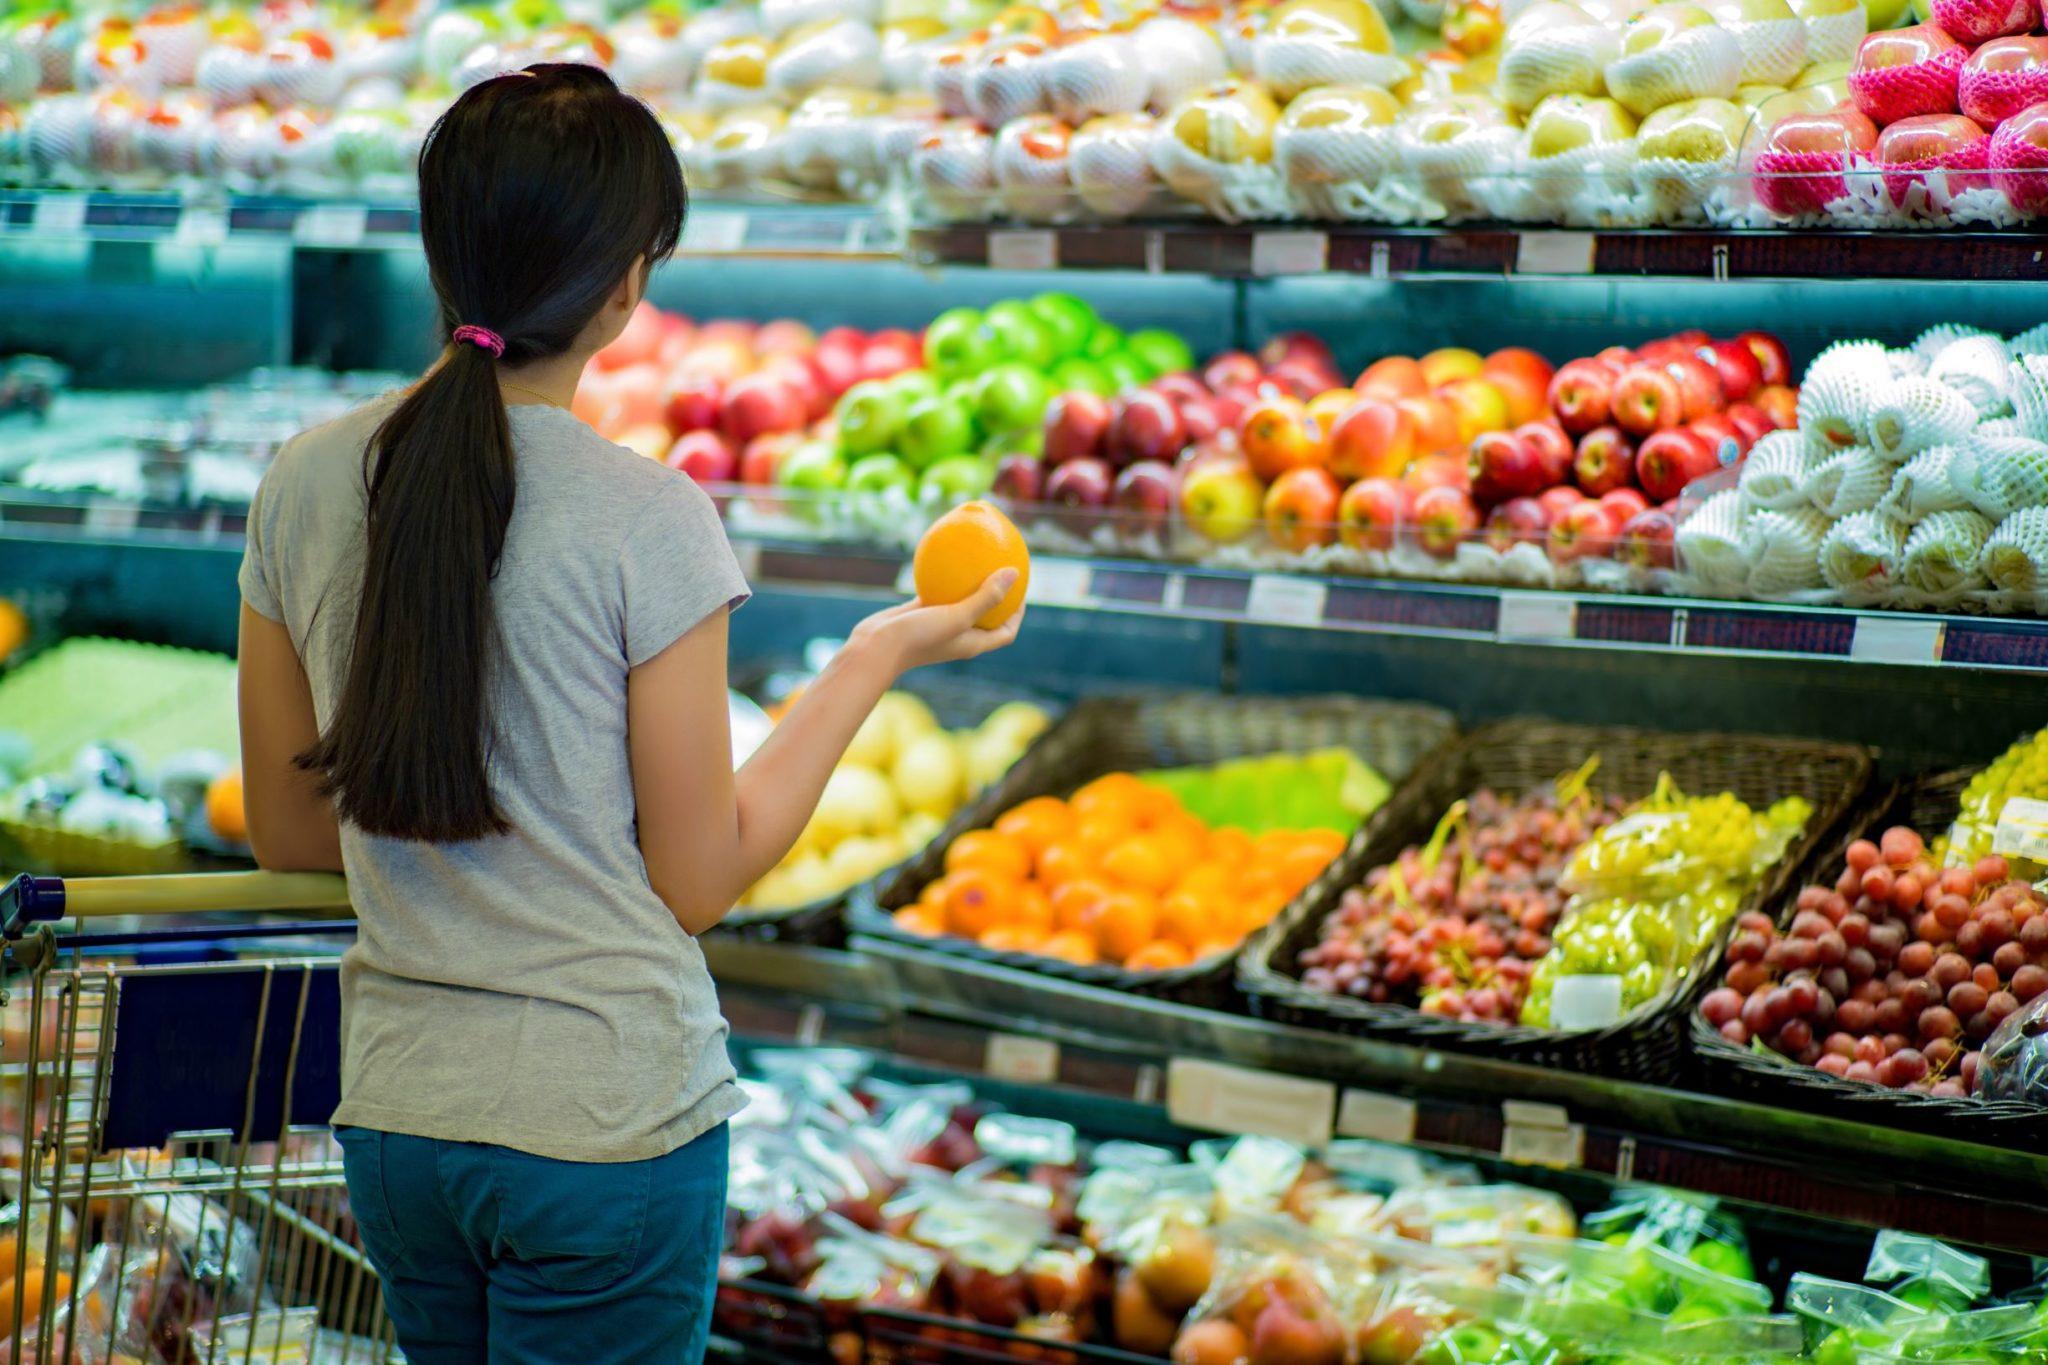 Woman looking at produce